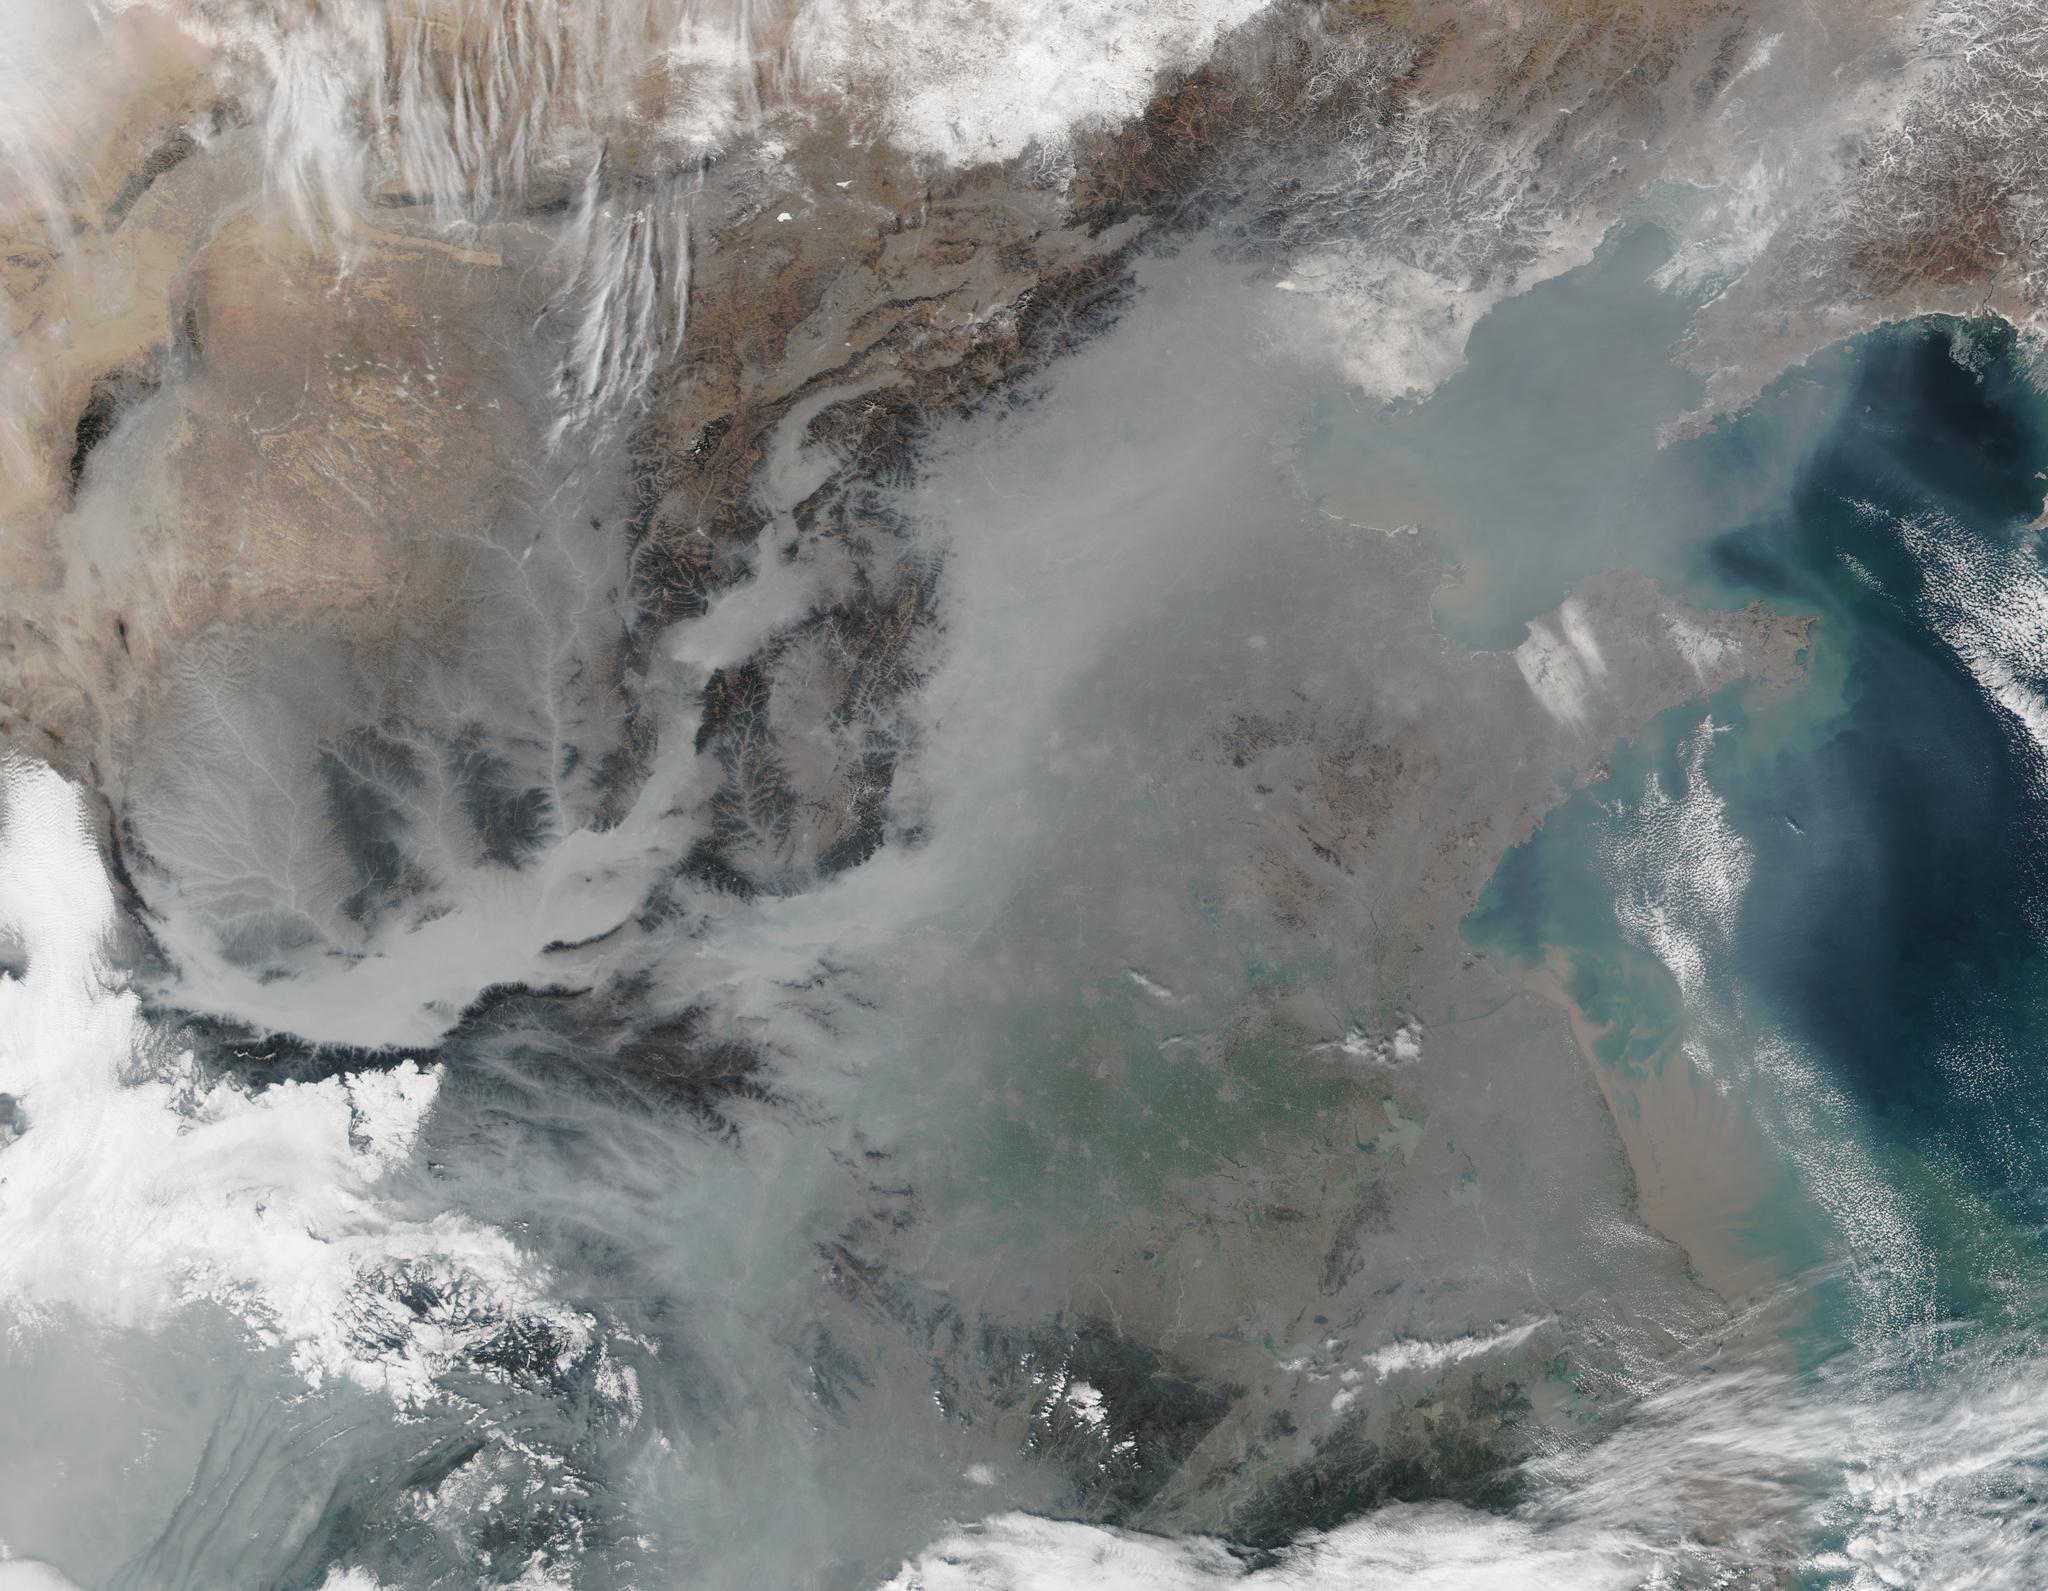 2017년 1월 25일에 촬영한 사진. 중국 베이징이 짙은 스모그로 덮여 있음을 볼 수 있다. [사진 NASA]